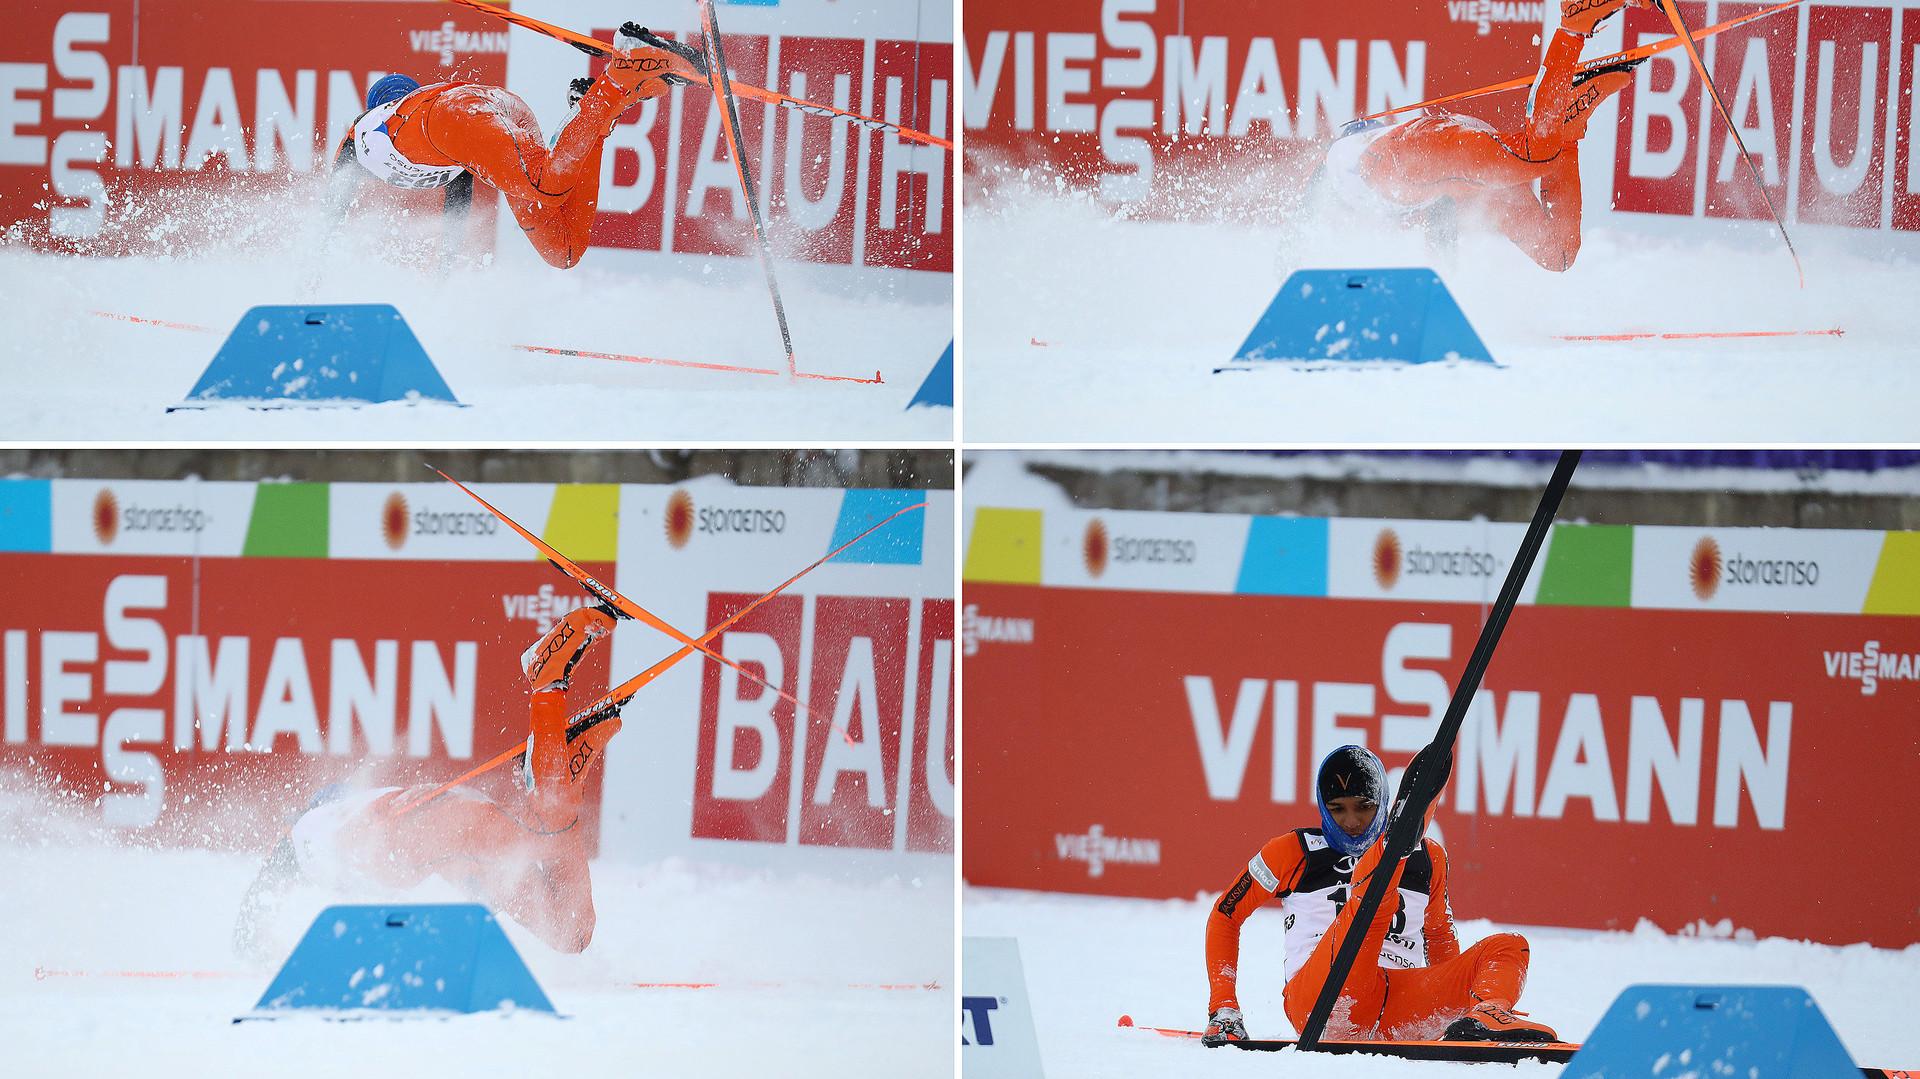 Выступление венесуэльского лыжника на ЧМ произвело фурор